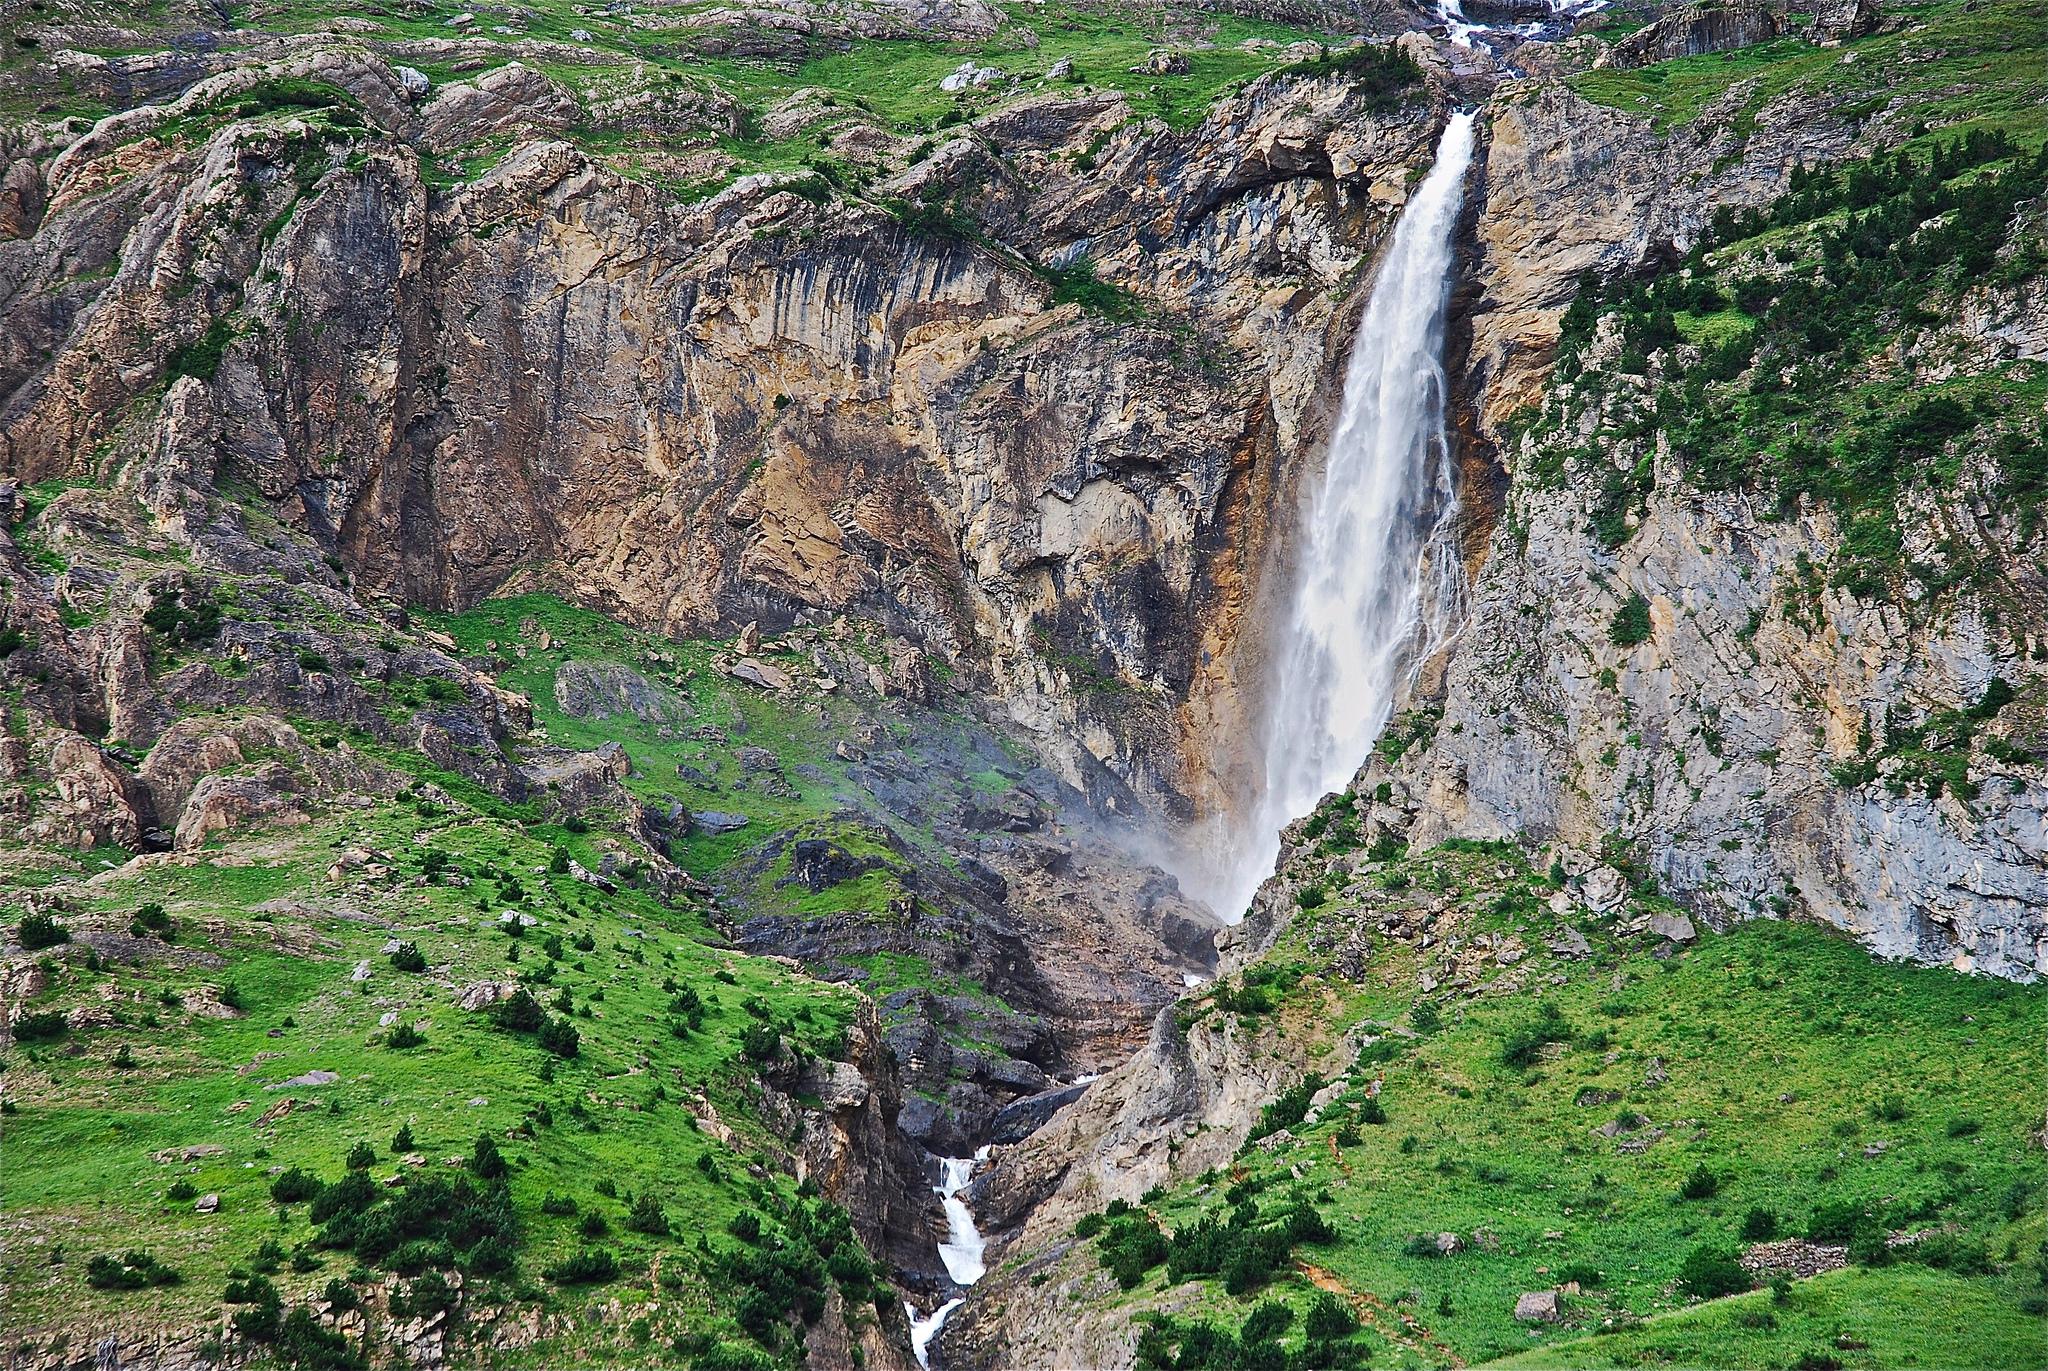 Excursión a los Churros de Marmorés 💦 en el Valle de Pineta  (Cascadas del Cinca)